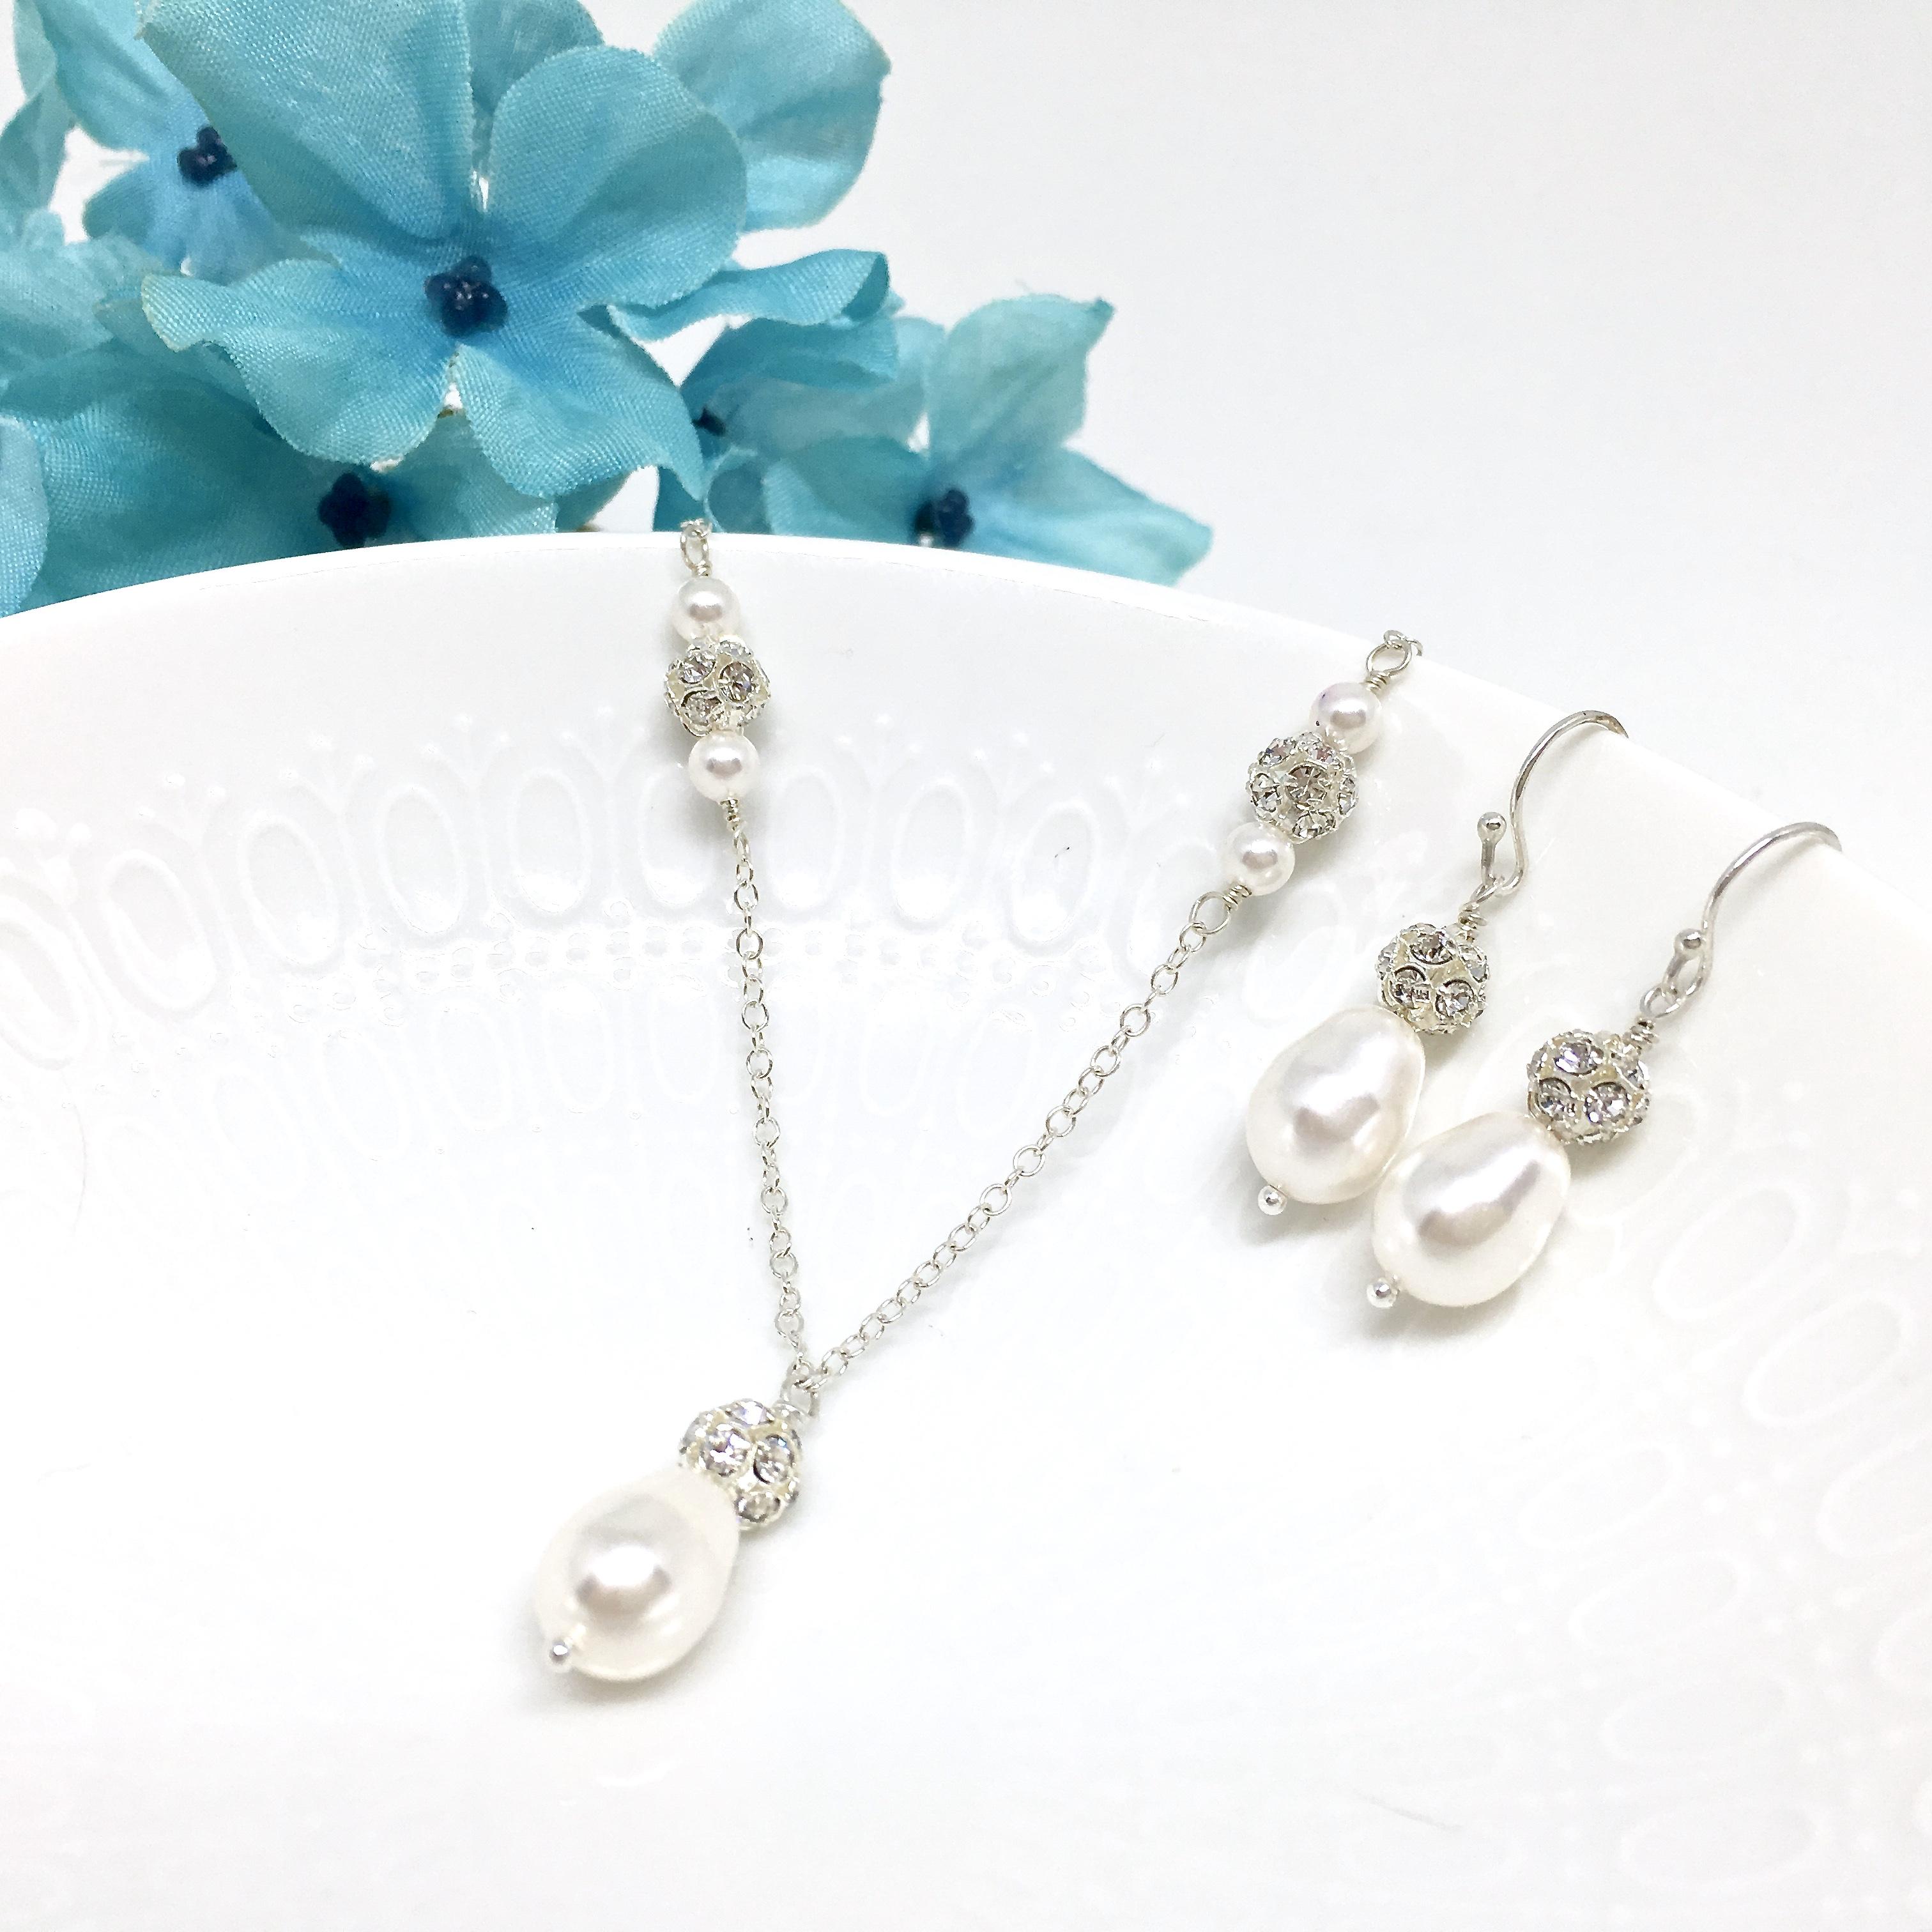 Teardrop Pearl Bridal Necklace